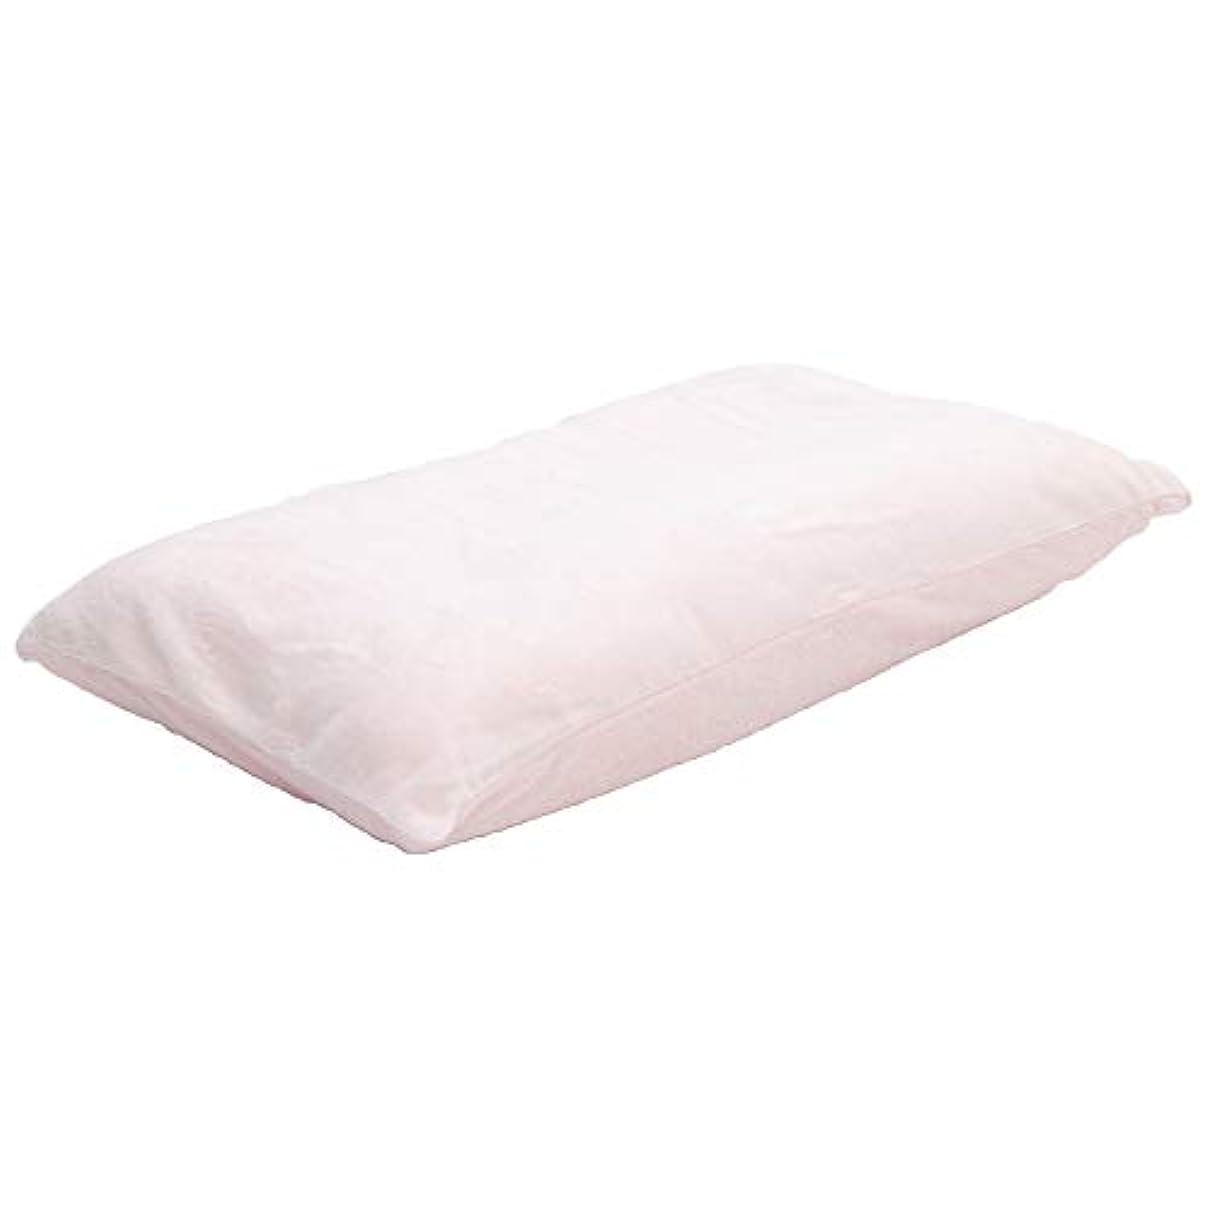 ステップ志す泥だらけゆったりリッチ 低反発チップリバーシブル枕 ワイドサイズ 専用洗えるカバー付き 2人で使える ロング 大きい 夫婦 ファミリー 抱き枕 ゆったり 40X70cm PK